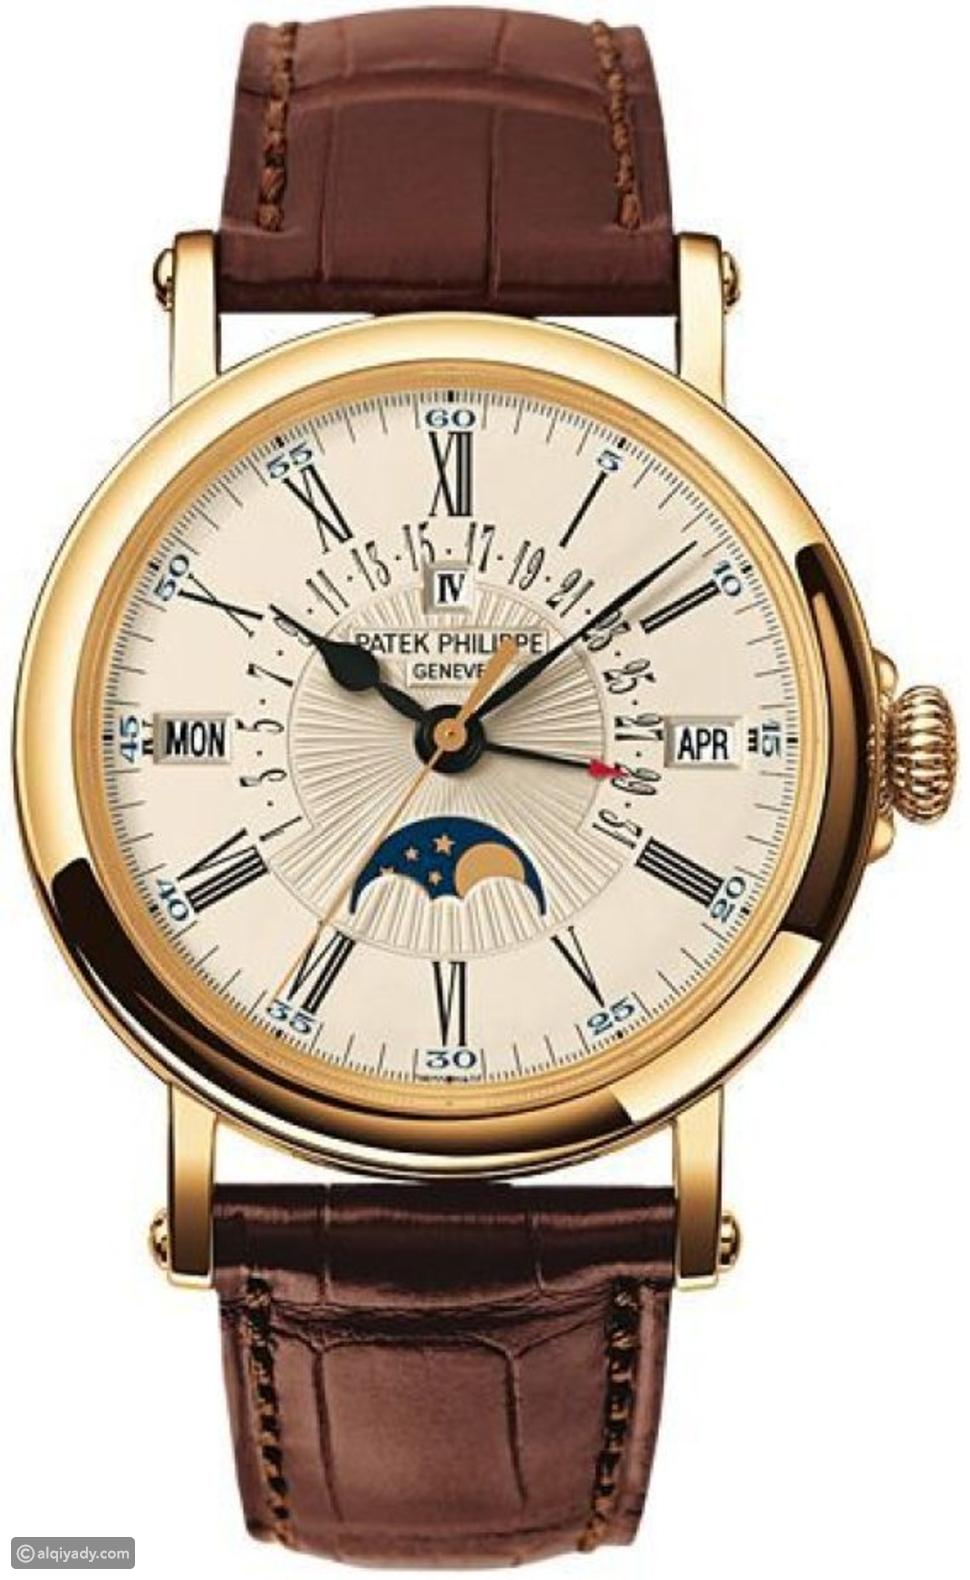 التقويم الدائم: ساعات تضبط مرة كل 100 عام